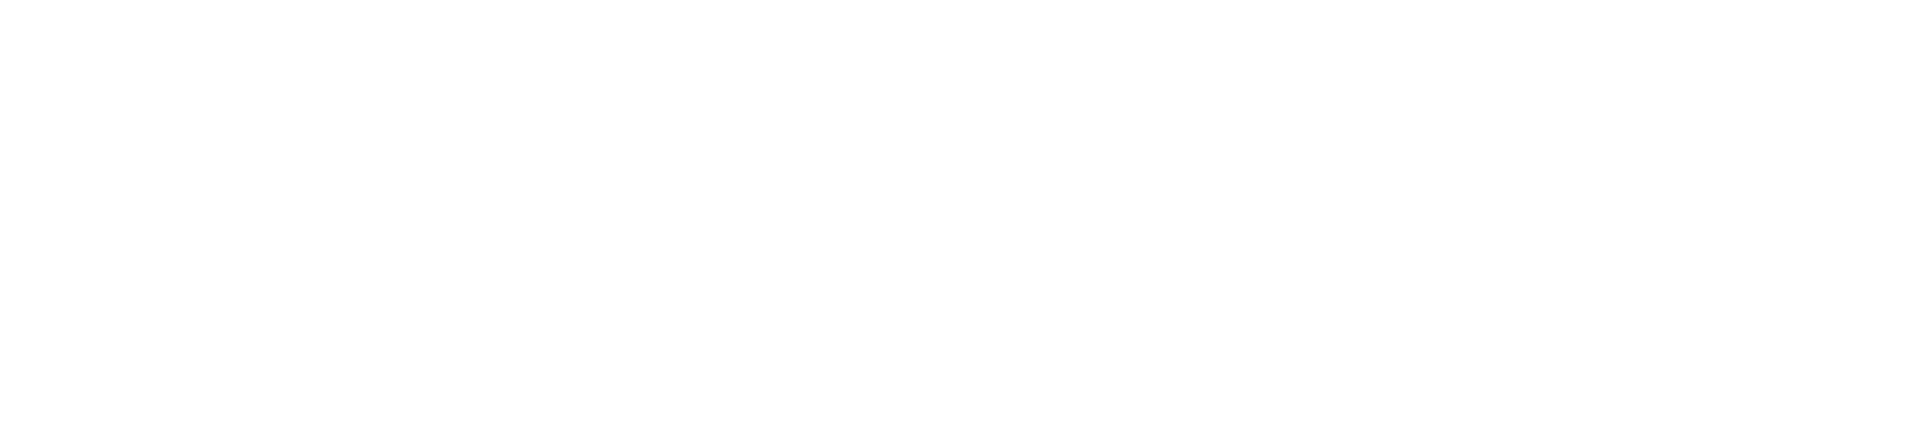 WeWork X LikeToKnow it